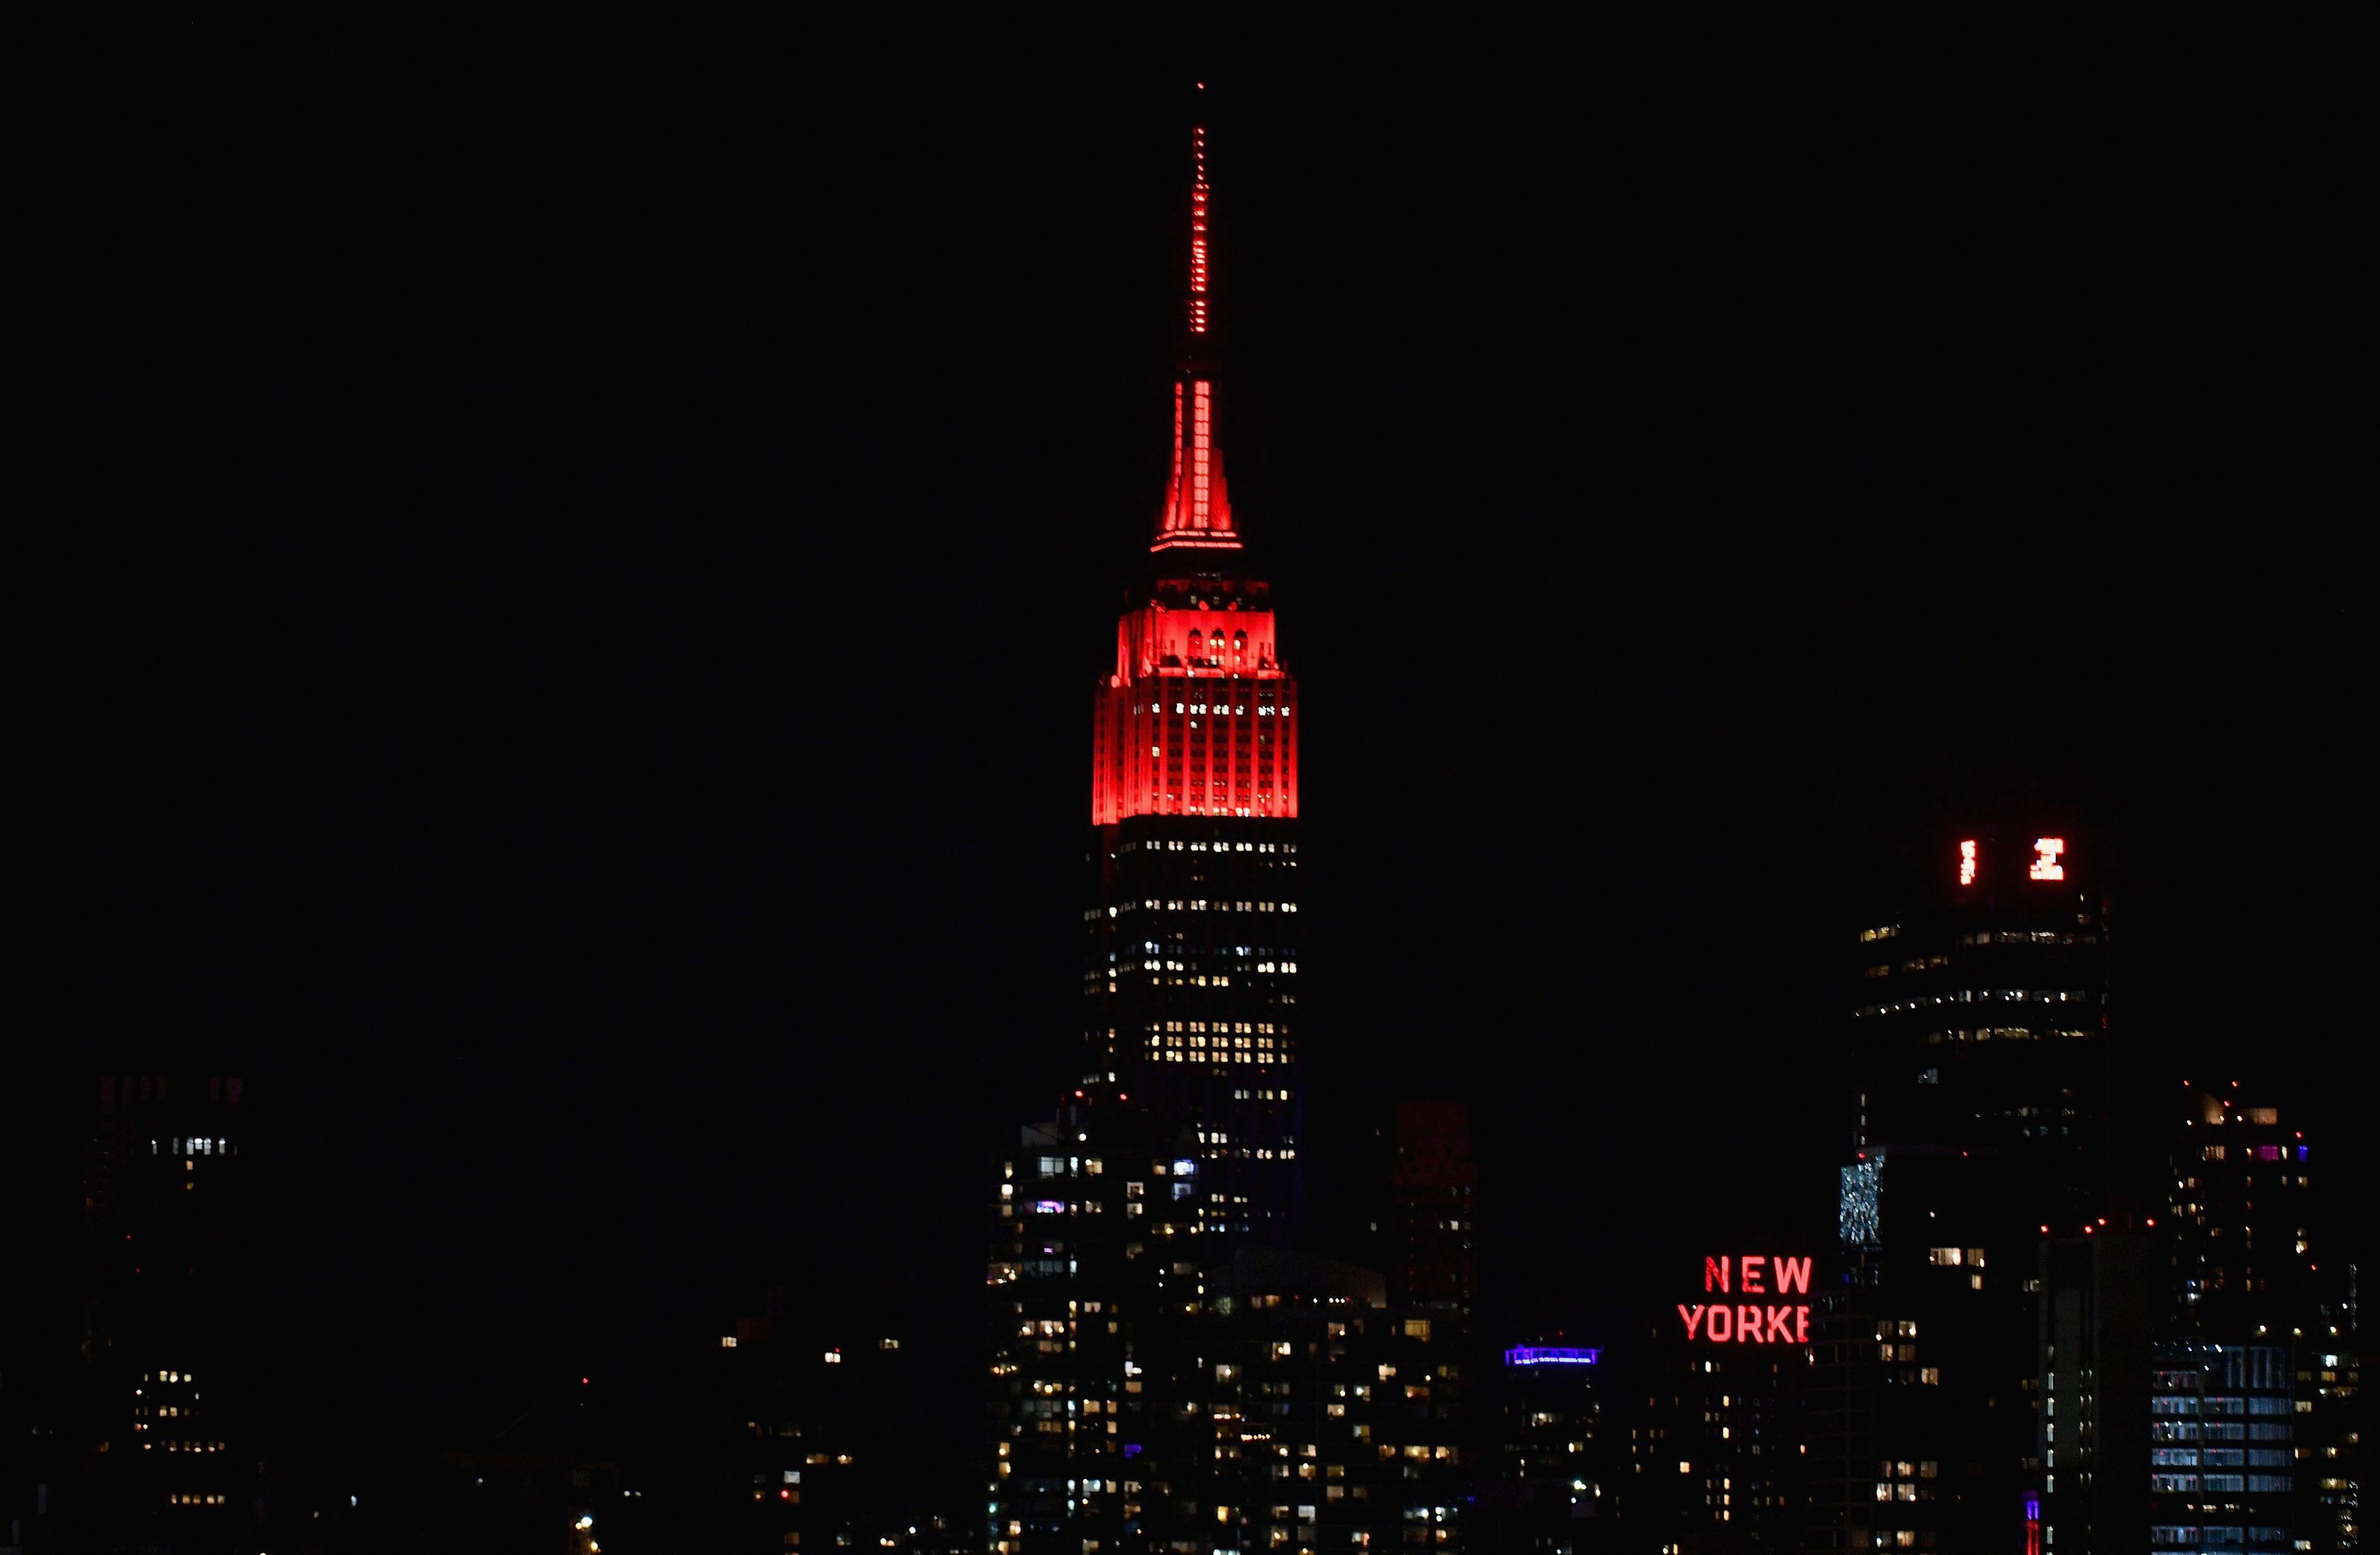 Coronavirus in New York and NYC: Latest Updates